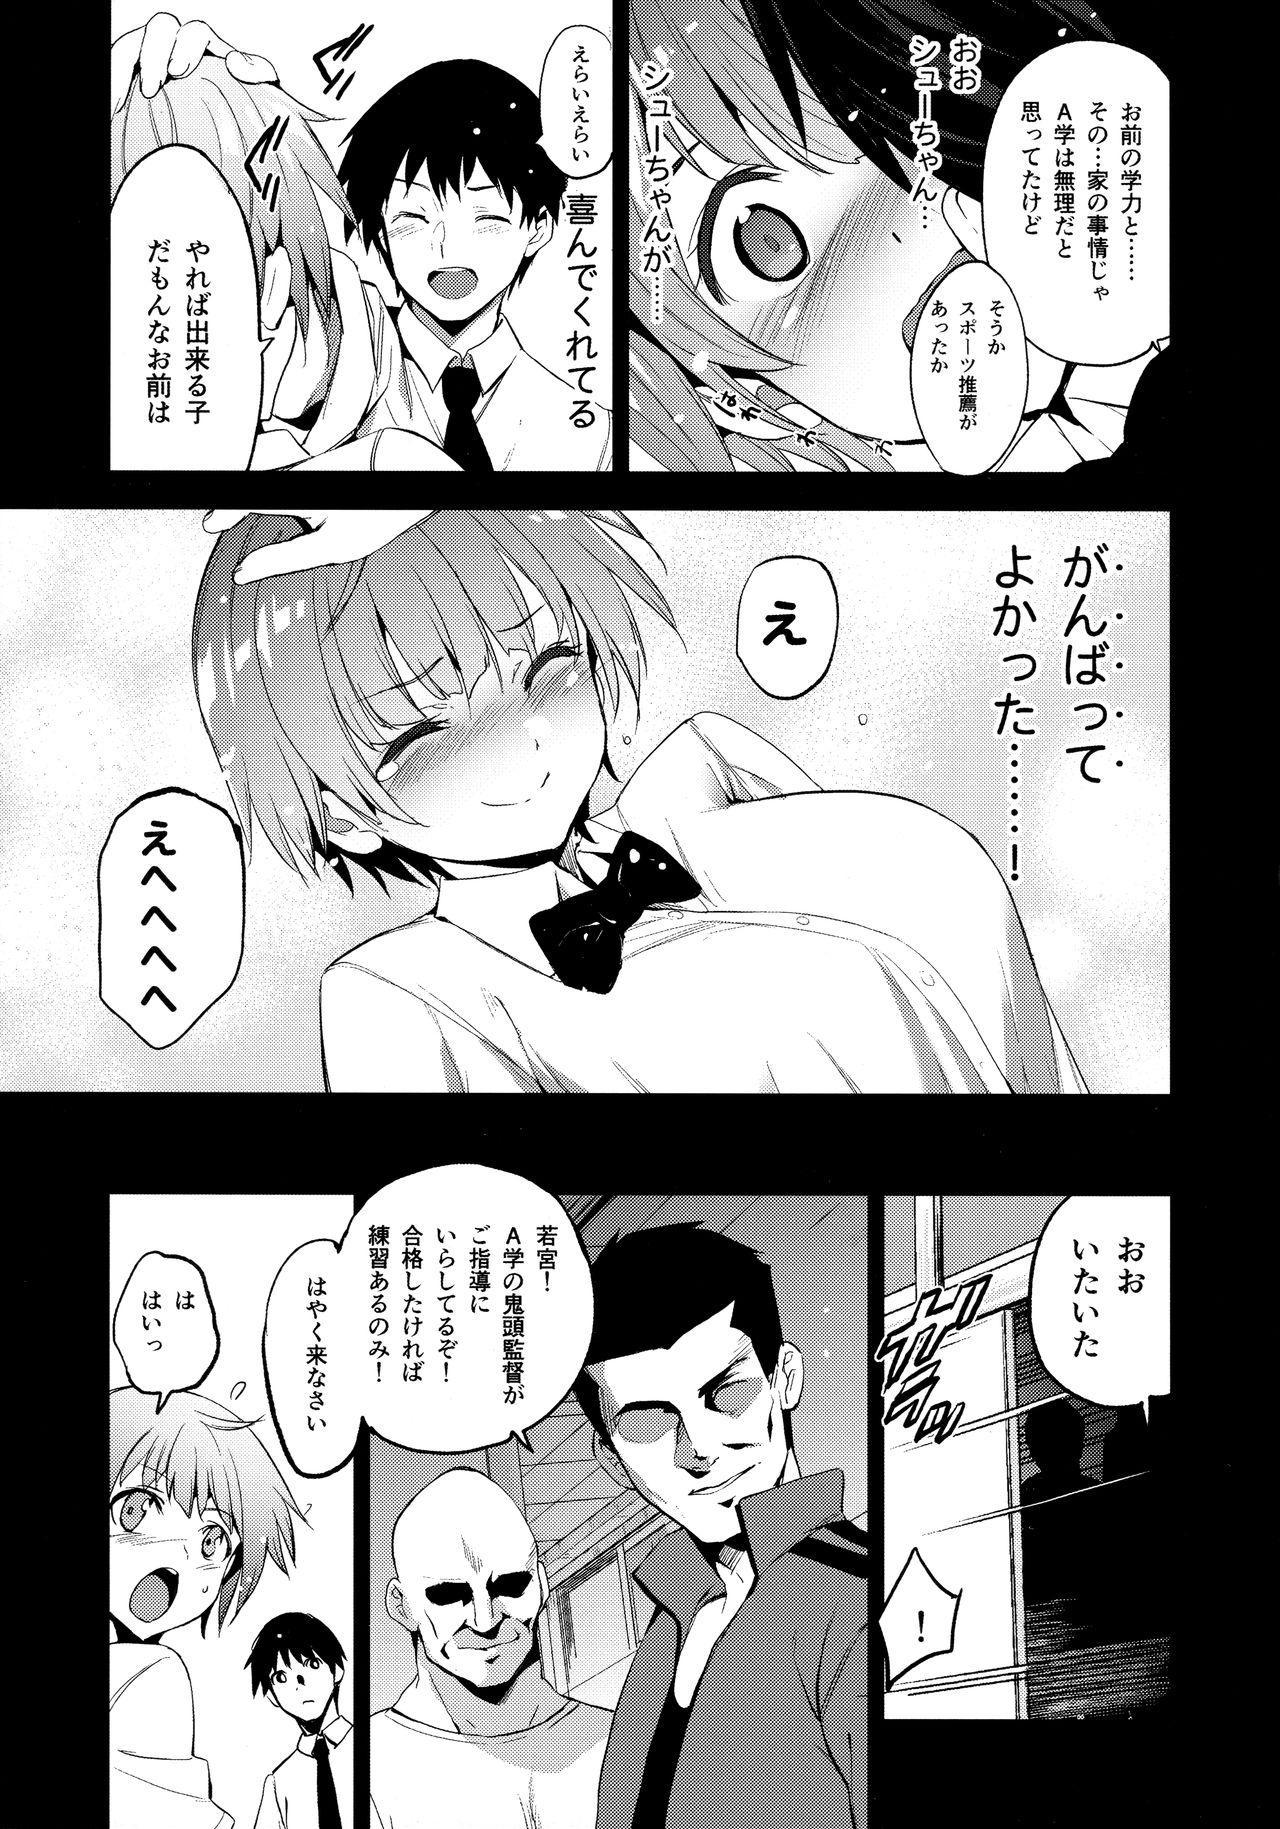 Tokutaisei Shiken - Baka Dakedo Aitsu to Issho no Gakkou Ikitai Kara Tokui Bunya de Ganbatta. 3